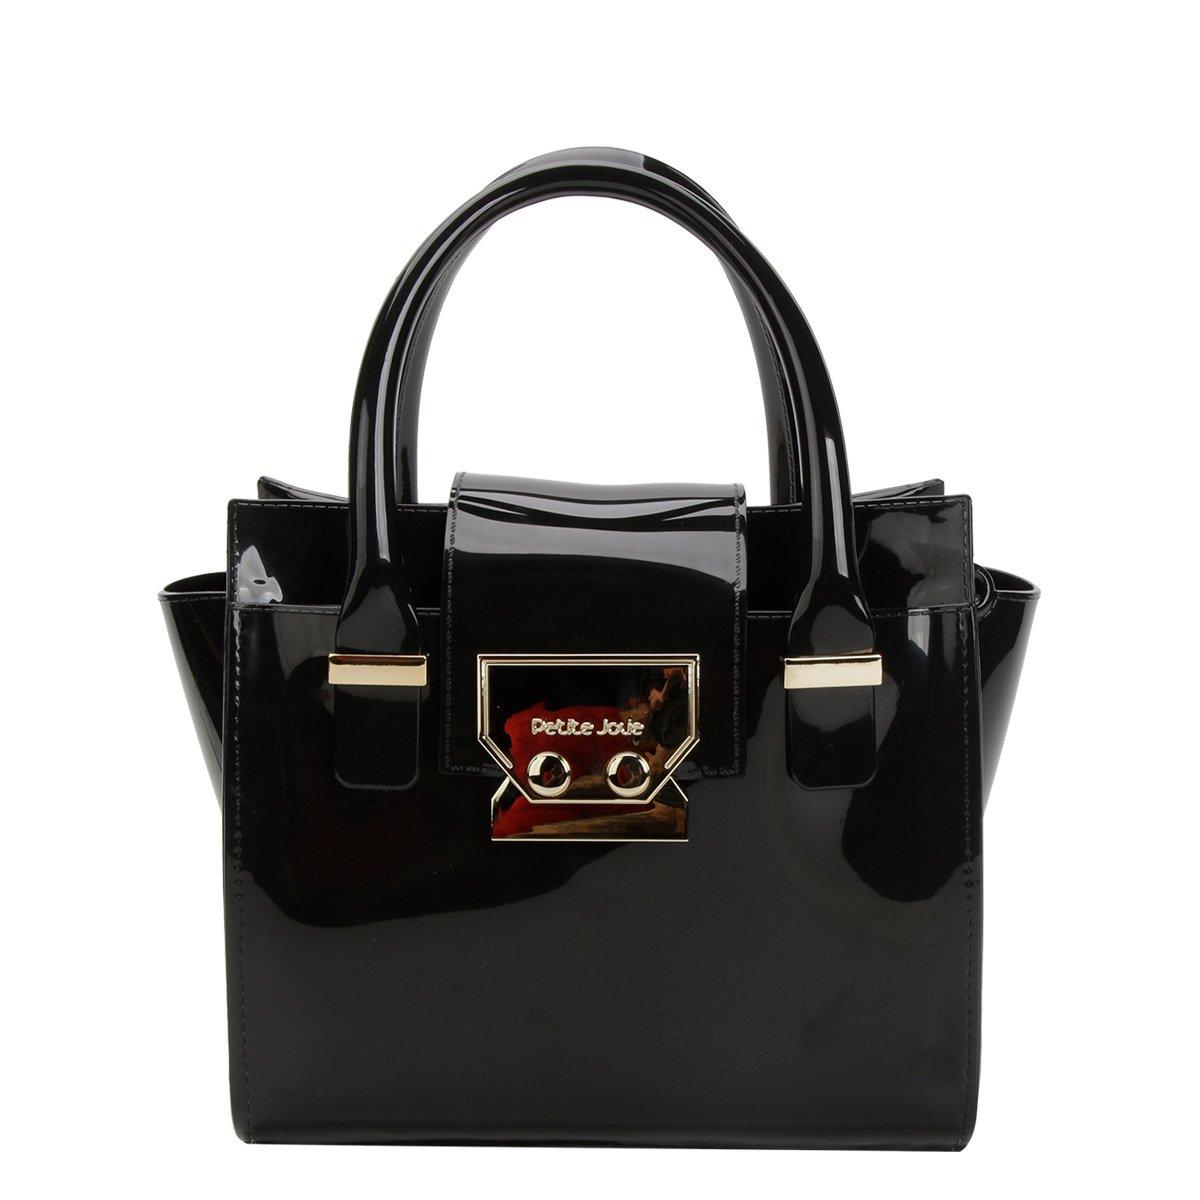 Bolsa Petite Jolie Tote Love Bag Feminina